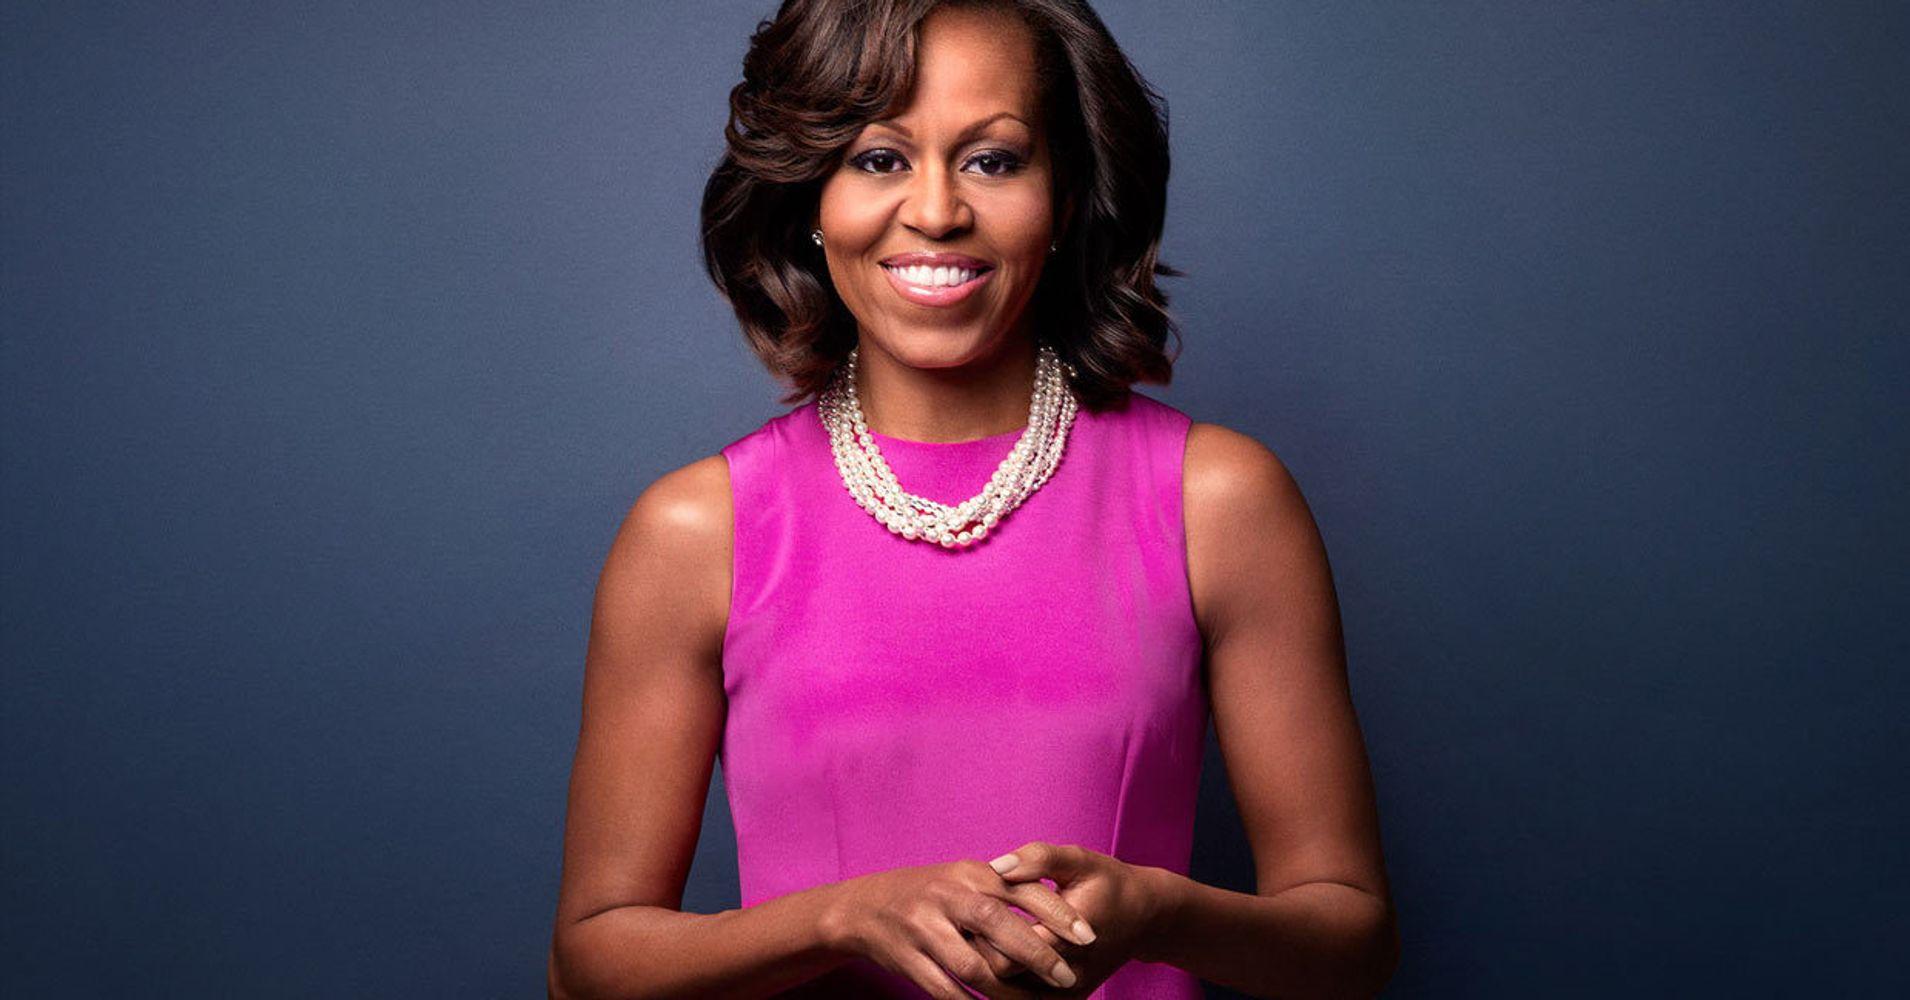 Michelle LaVaughn Robinson Obama Chicago 17 januari 1964 is een voormalige first lady van de Verenigde Staten Zij is de echtgenote van de 44e Amerikaanse